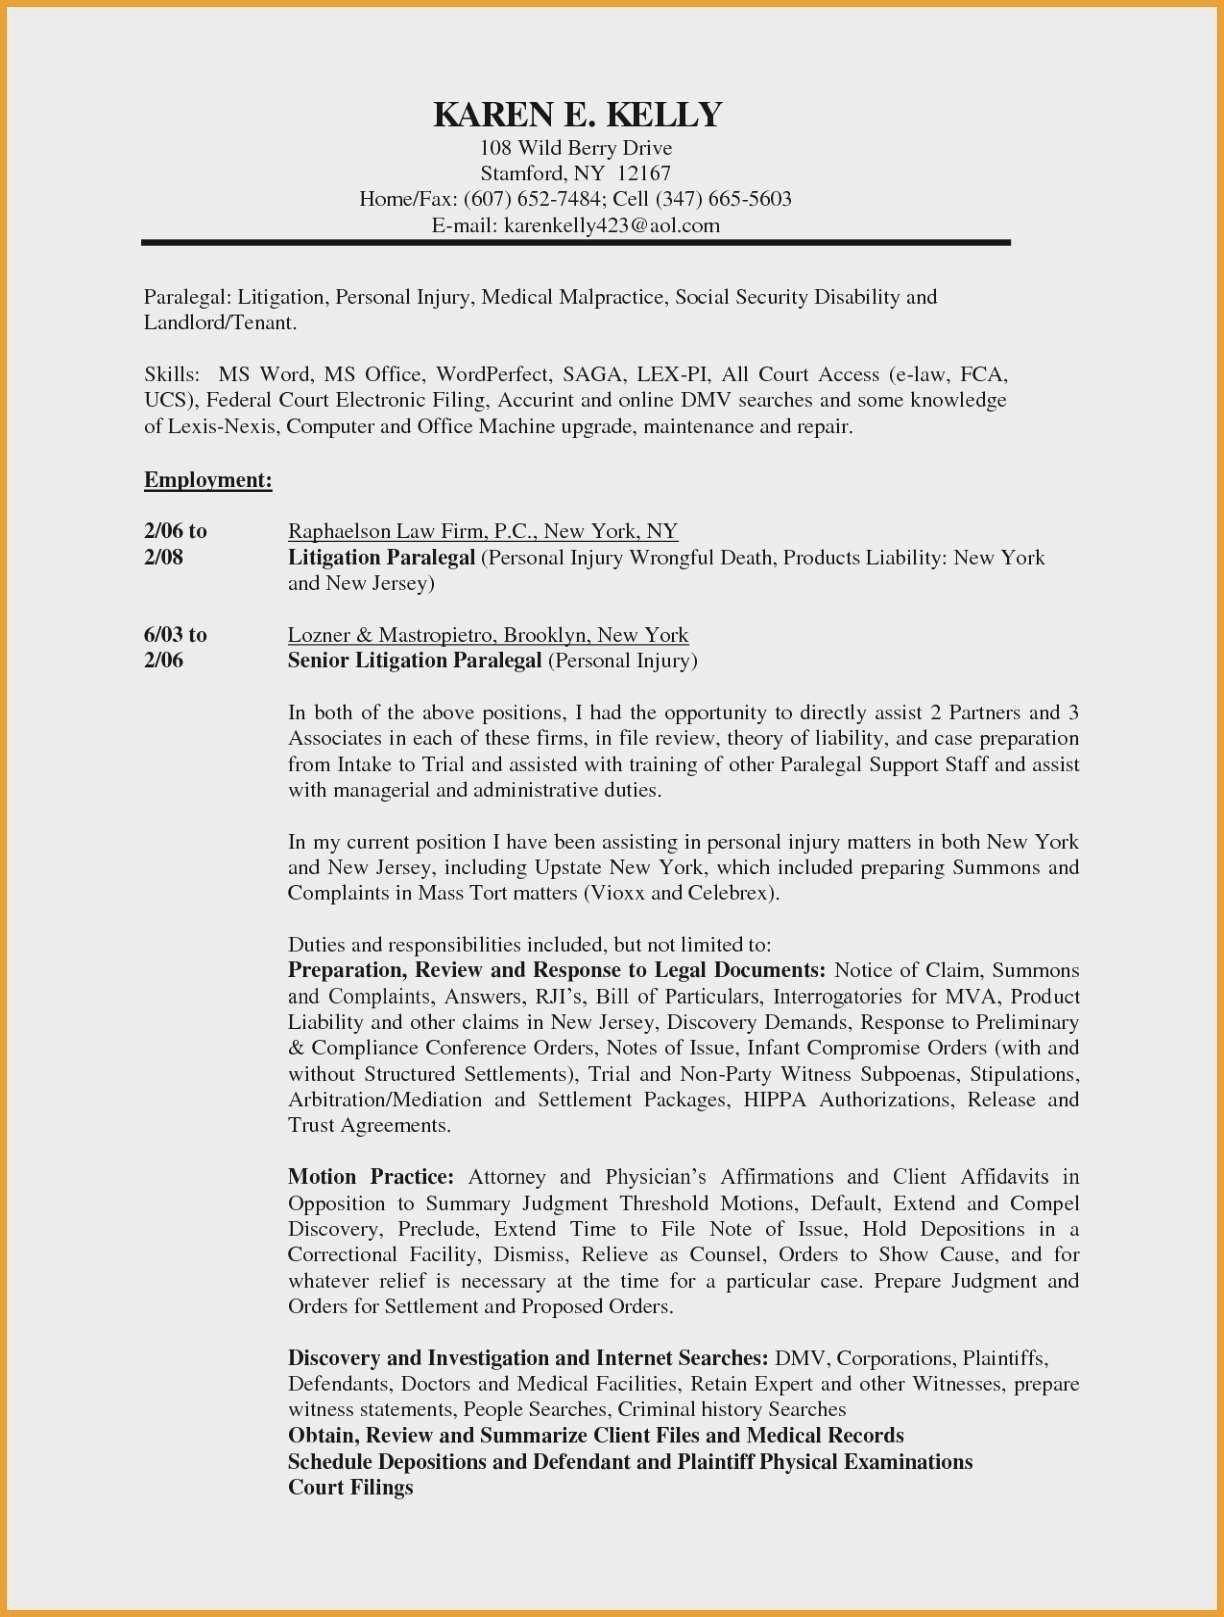 30 Babysitter Job Description for Resume in 2020